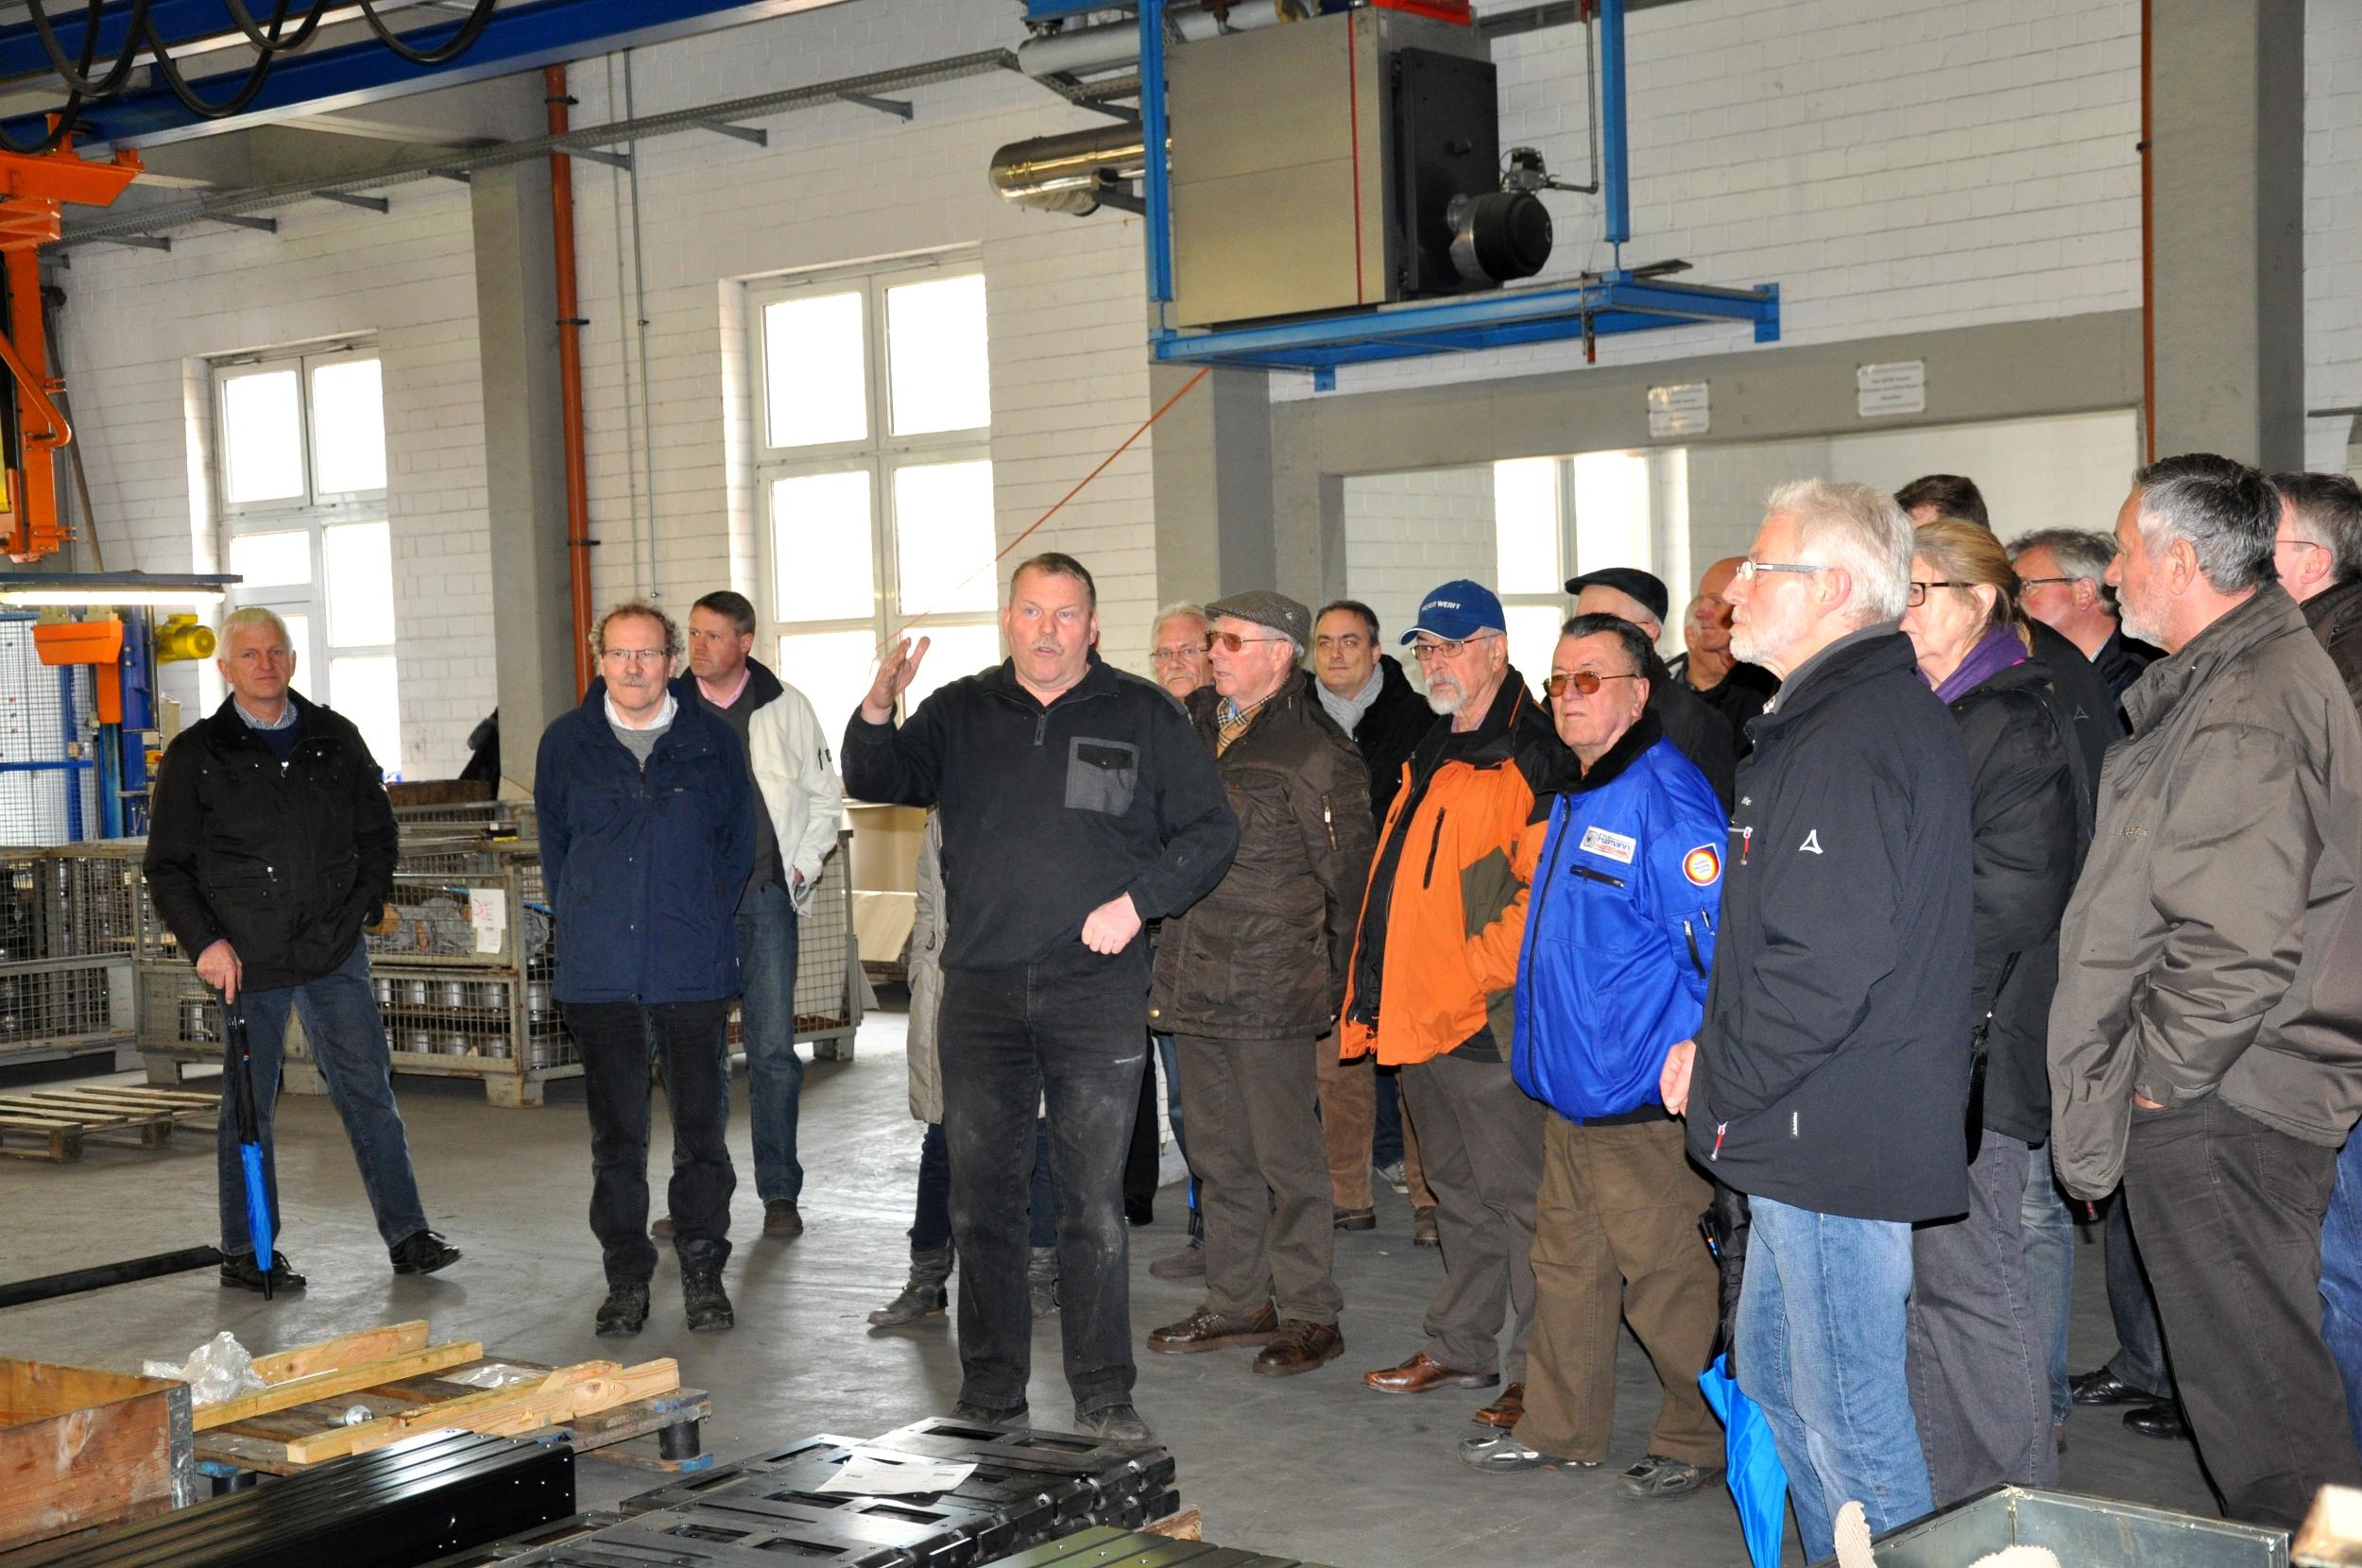 Bruno Altehülshorst erklärt der CDU-Gruppe beim Dorfrundgang die Produktionssteuerung in seinem Unternehmen.